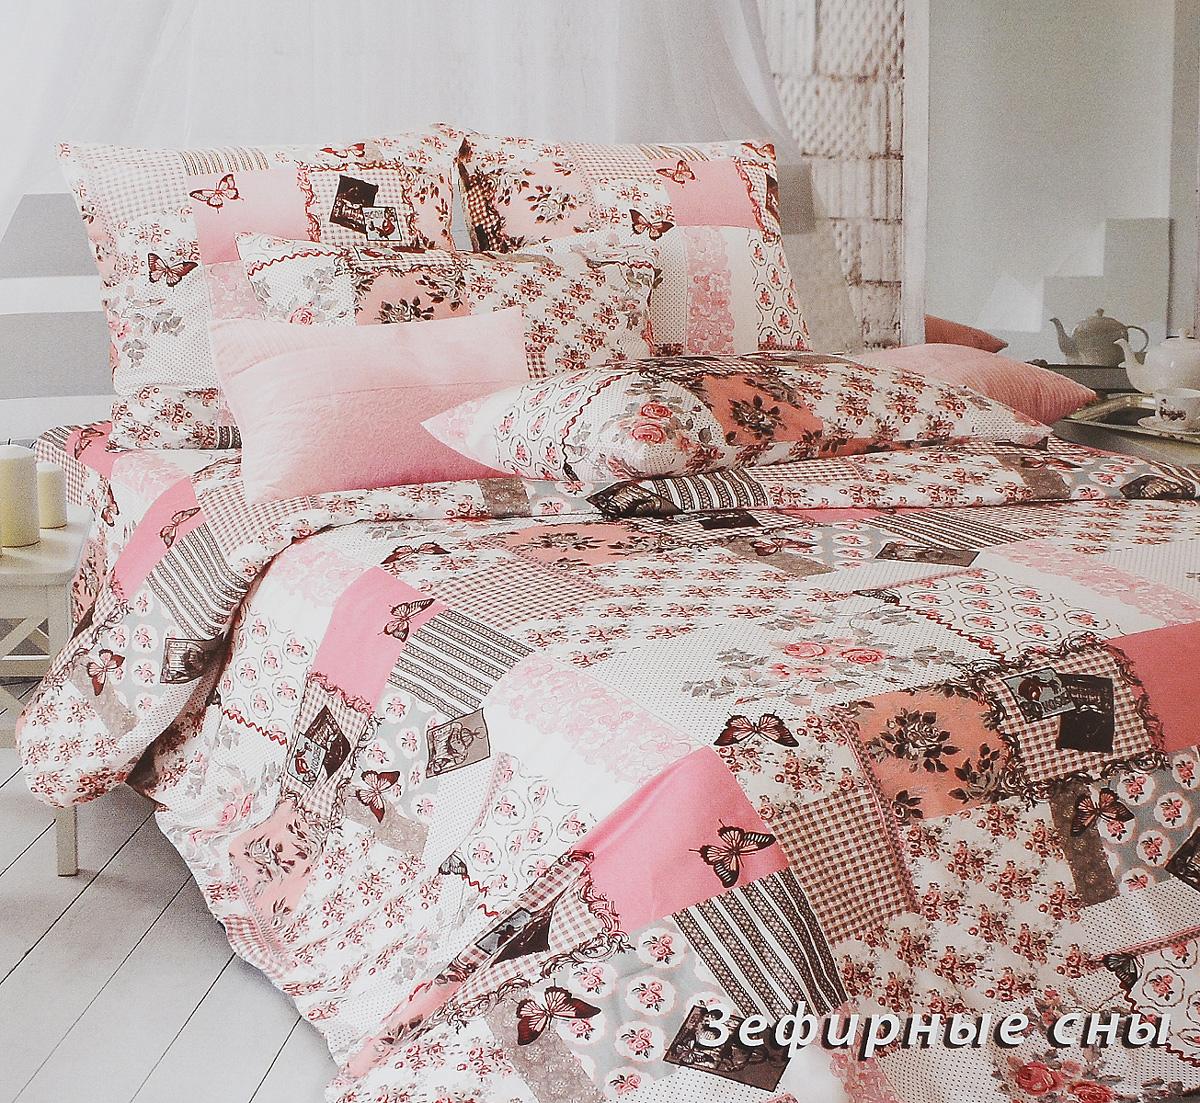 Комплект белья Tiffanys Secret Зефирные сны, семейный, наволочки 50х70, цвет: розовый, белый, темно-коричневый80621Комплект постельного белья Tiffanys Secret Зефирные сны является экологически безопасным для всей семьи, так как выполнен из сатина (100% хлопок). Комплект состоит из двух пододеяльников, простыни и двух наволочек. Предметы комплекта оформлены оригинальным рисунком.Благодаря такому комплекту постельного белья вы сможете создать атмосферу уюта и комфорта в вашей спальне.Сатин - это ткань, навсегда покорившая сердца человечества. Ценившие роскошь персы называли ее атлас, а искушенные в прекрасном французы - сатин. Секрет высококачественного сатина в безупречности всего технологического процесса. Эту благородную ткань делают только из отборной натуральной пряжи, которую получают из самого лучшего тонковолокнистого хлопка. Благодаря использованию самой тонкой хлопковой нити получается необычайно мягкое и нежное полотно. Сатиновое постельное белье превращает жаркие летние ночи в прохладные и освежающие, а холодные зимние - в теплые и согревающие. Сатин очень приятен на ощупь, постельное белье из него долговечно, выдерживает более 300 стирок, и лишь спустя долгое время материал начинает немного тускнеть. Оцените все достоинства постельного белья из сатина, выбирая самое лучшее для себя!